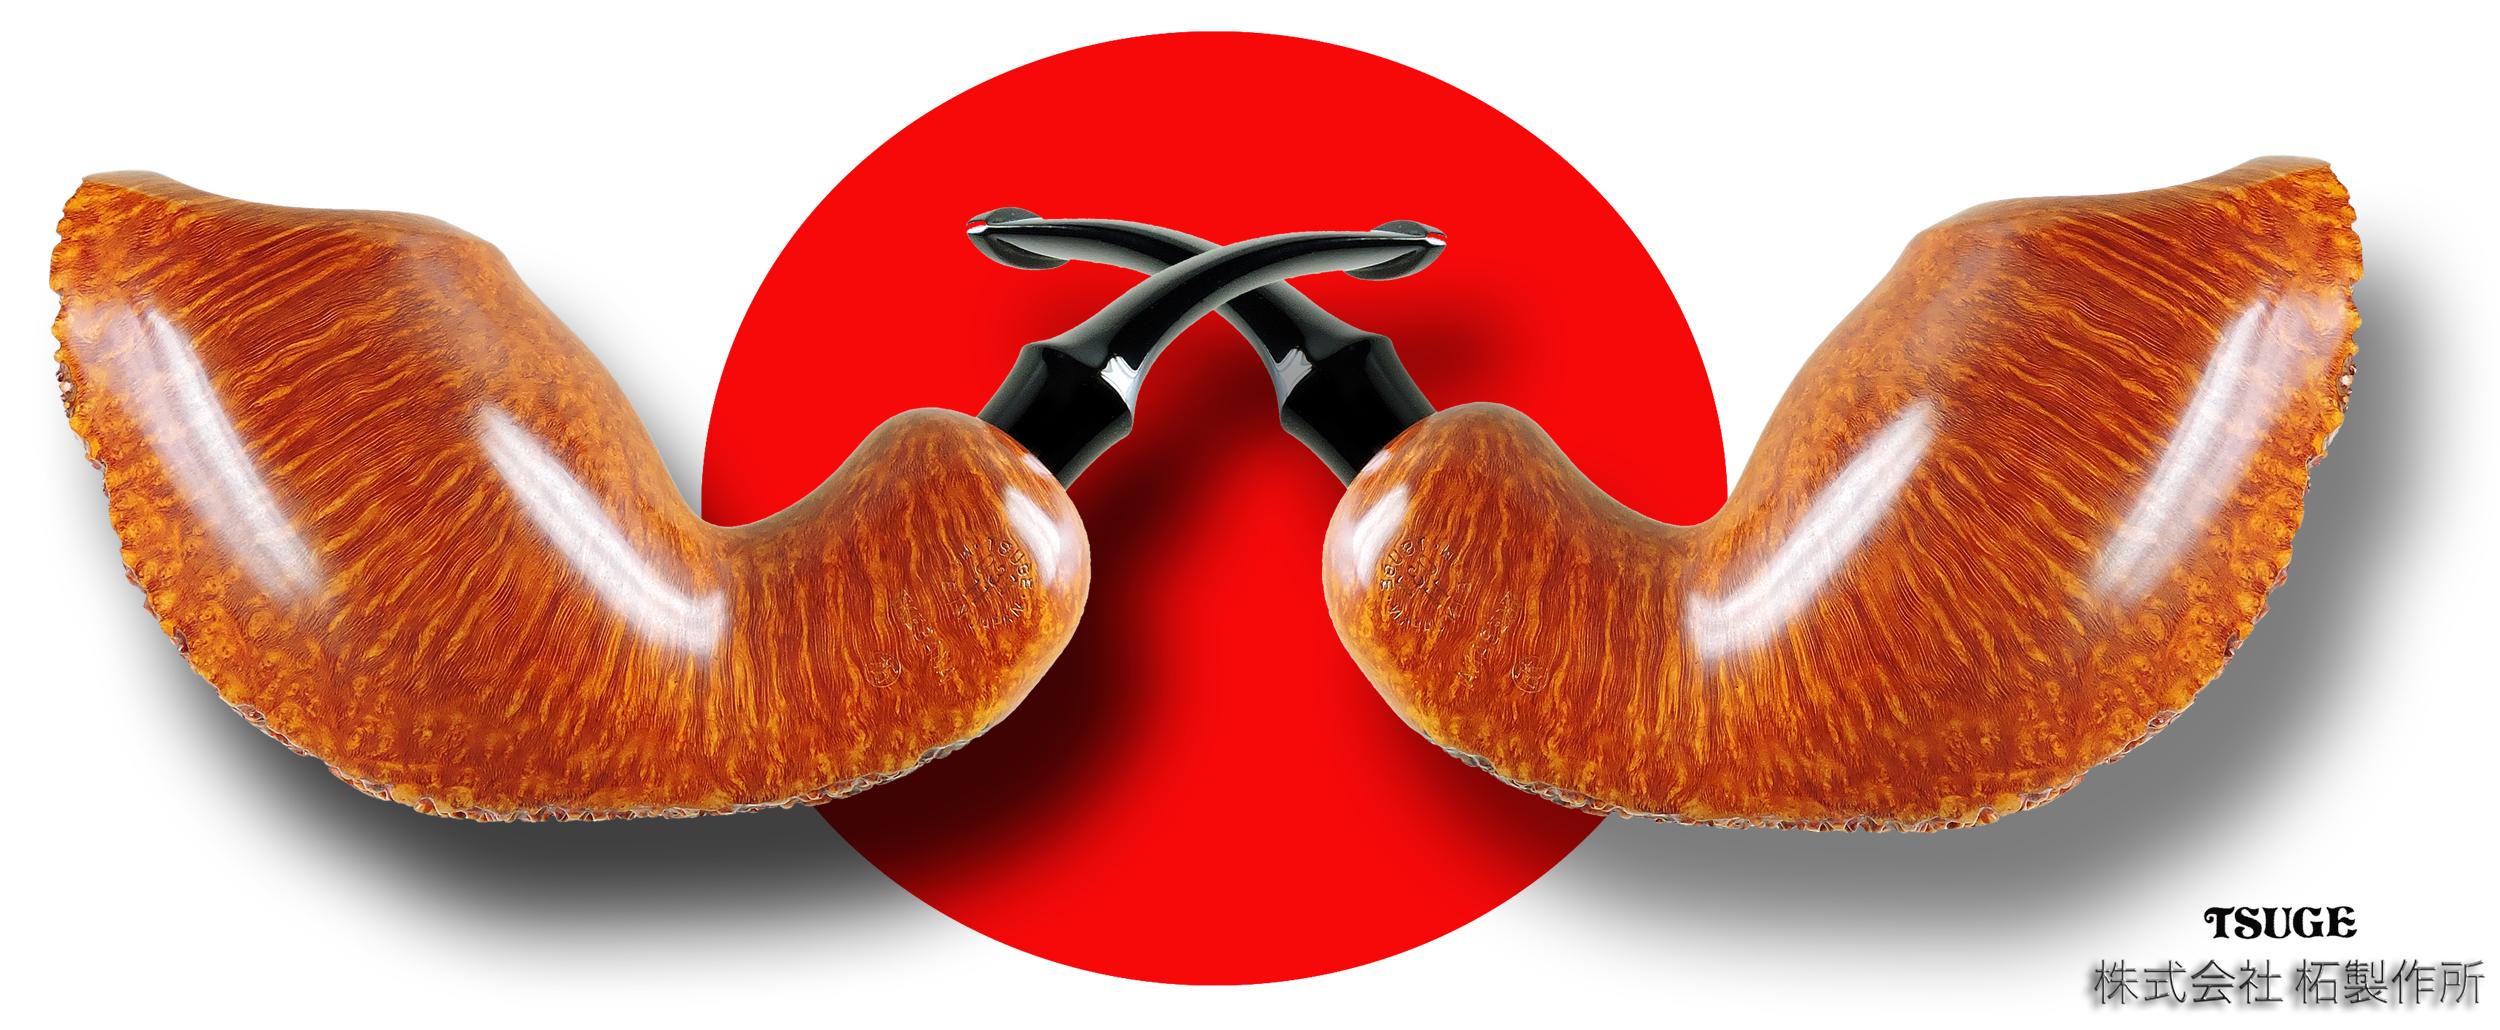 Al Pascià - Pipe - Tsuge ikebana - Vendita pipe online - Rivendi